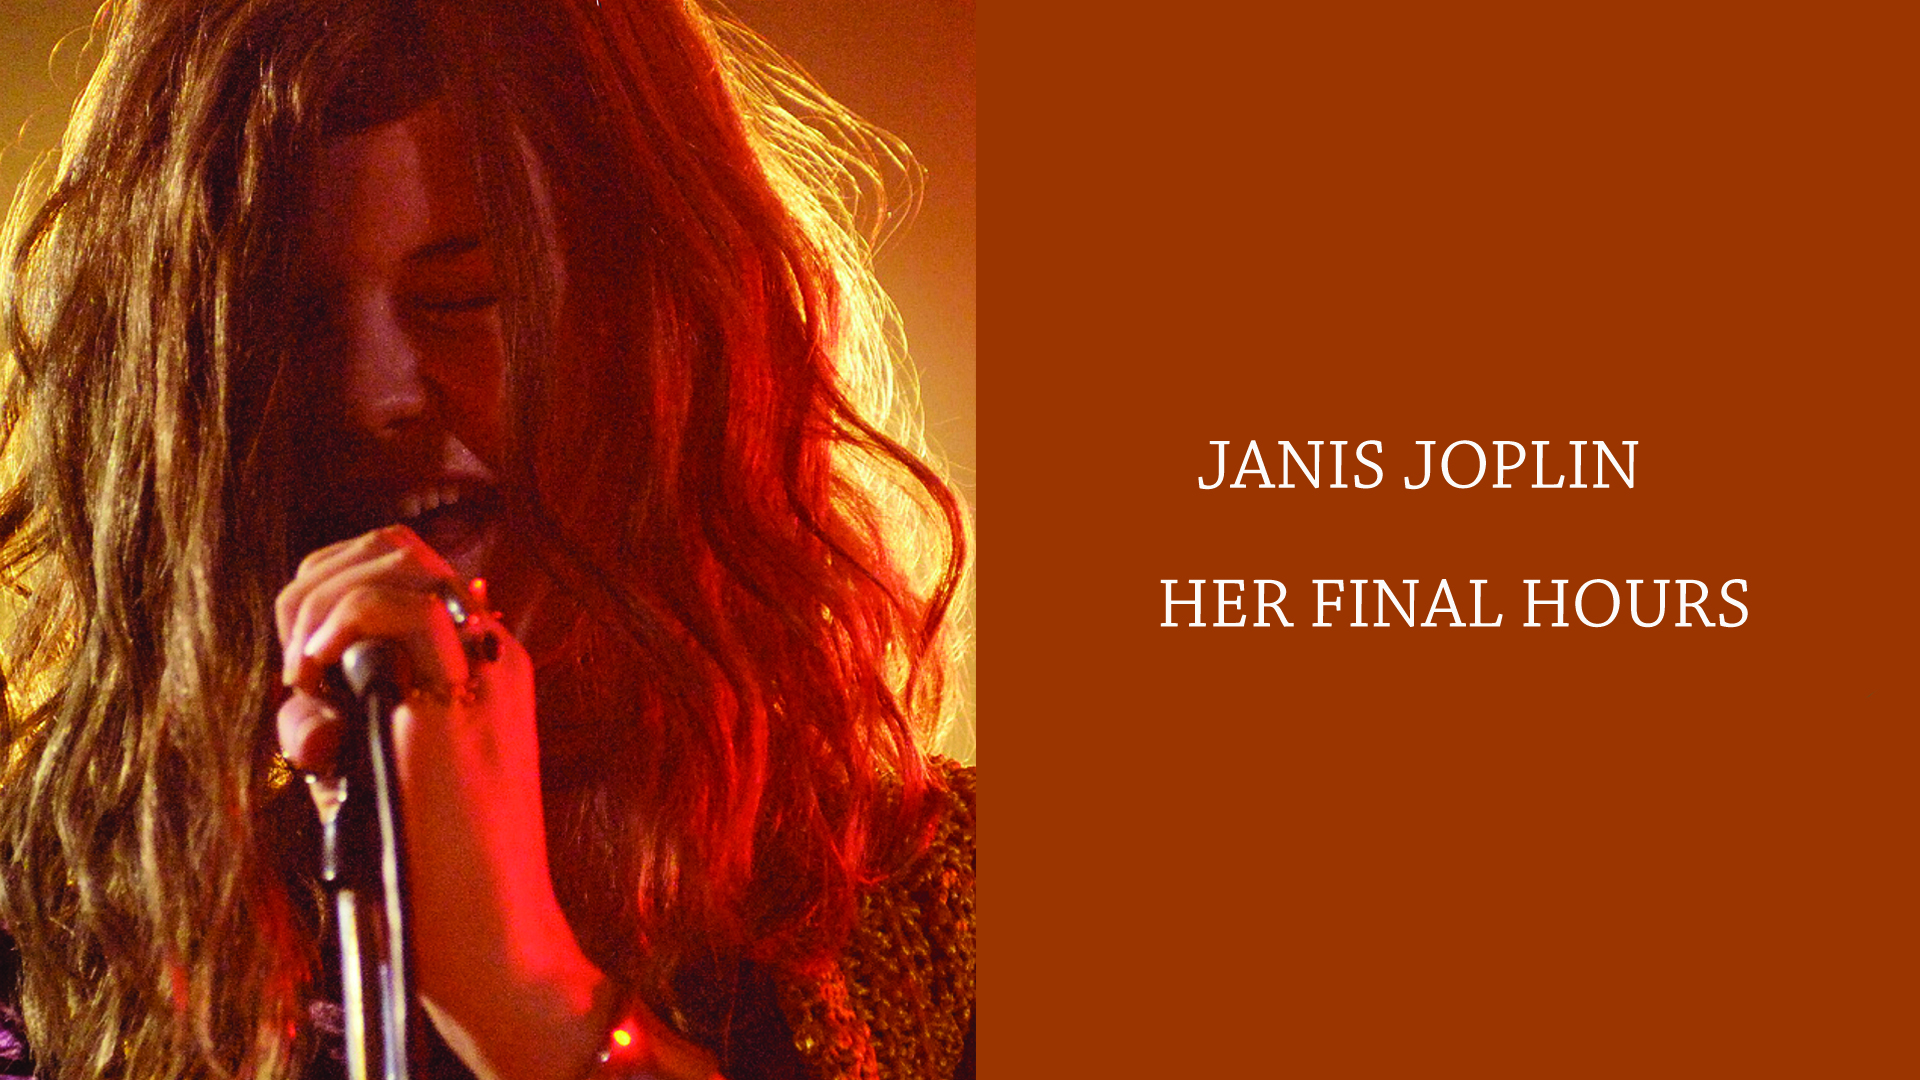 Janis Joplin - Her Final Hours